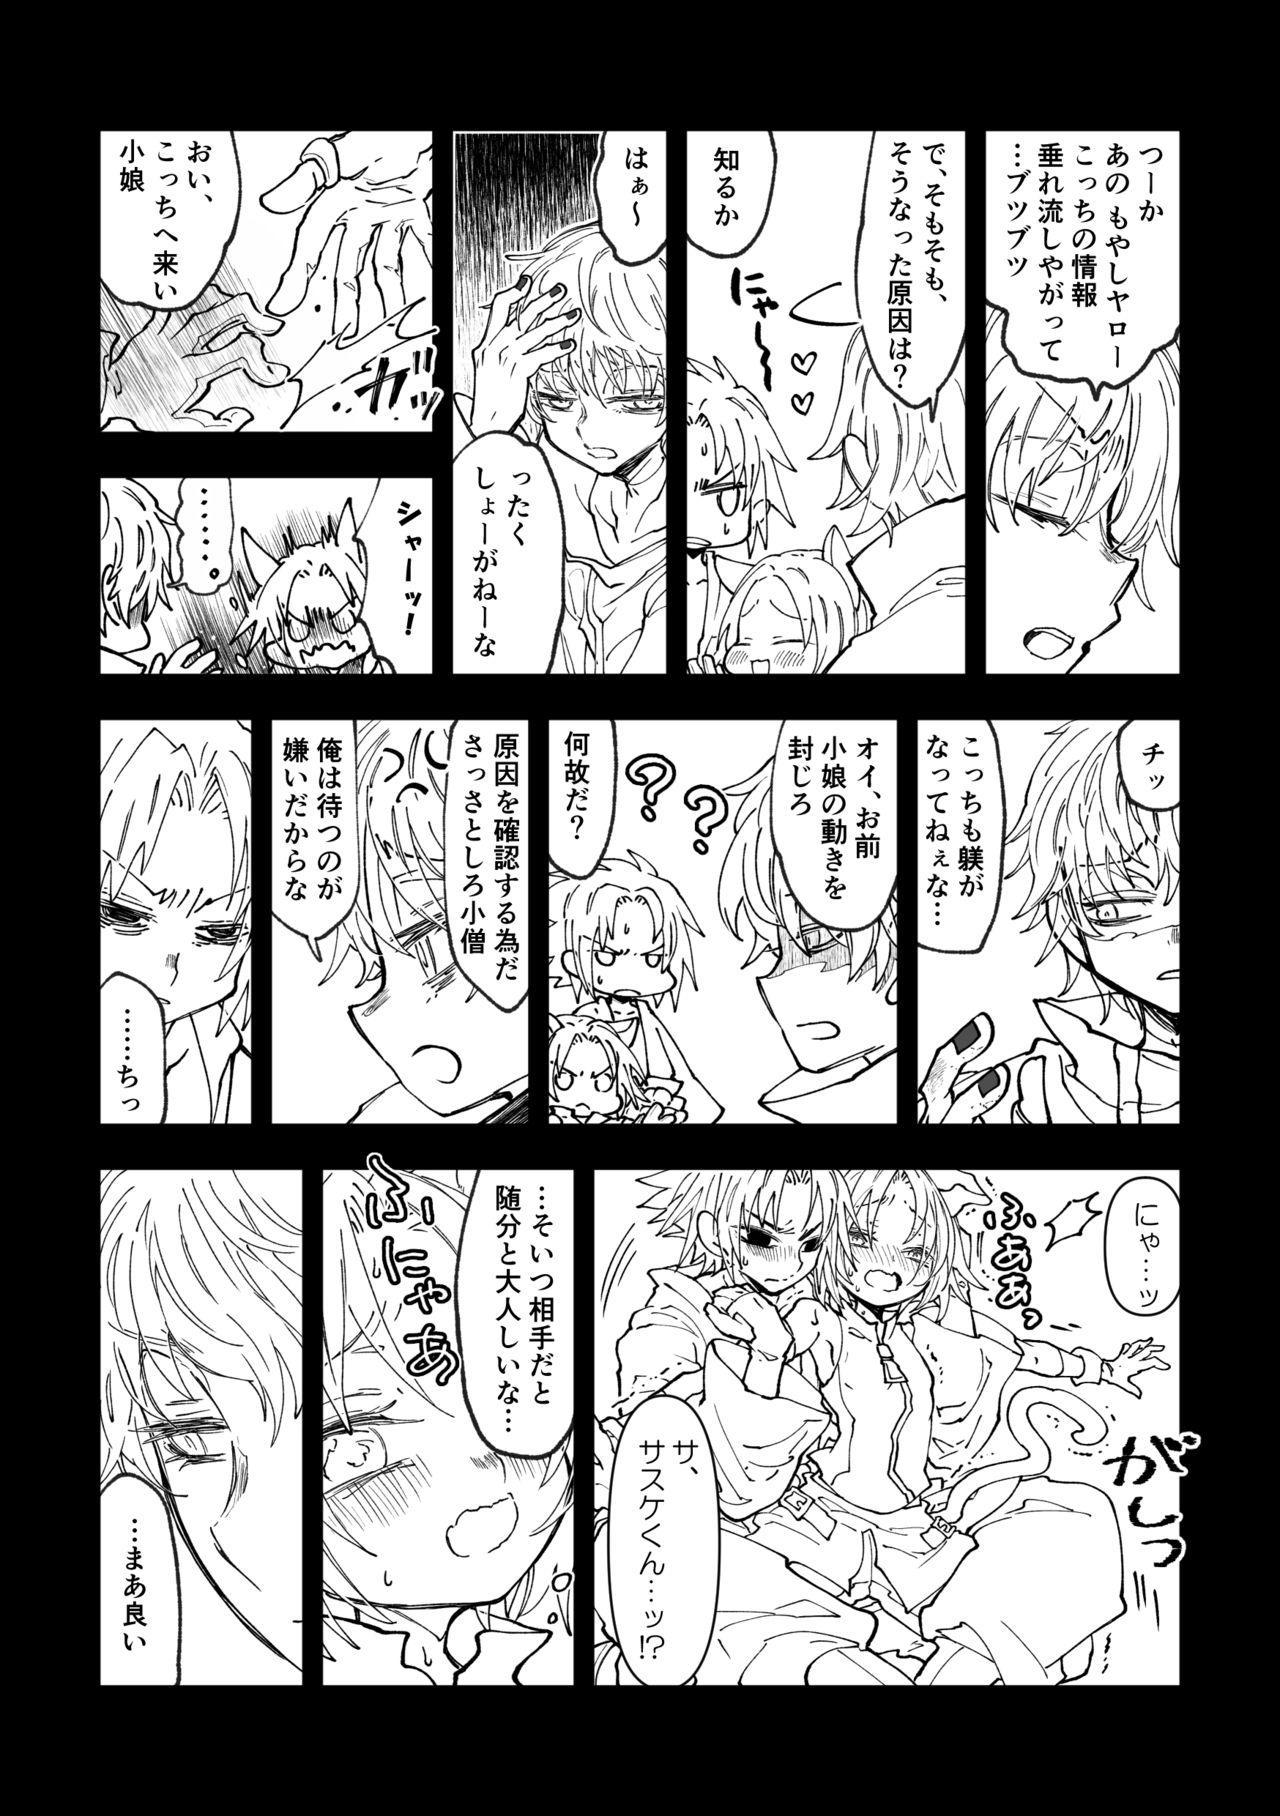 Nyan Nyan Sakura-chan 4